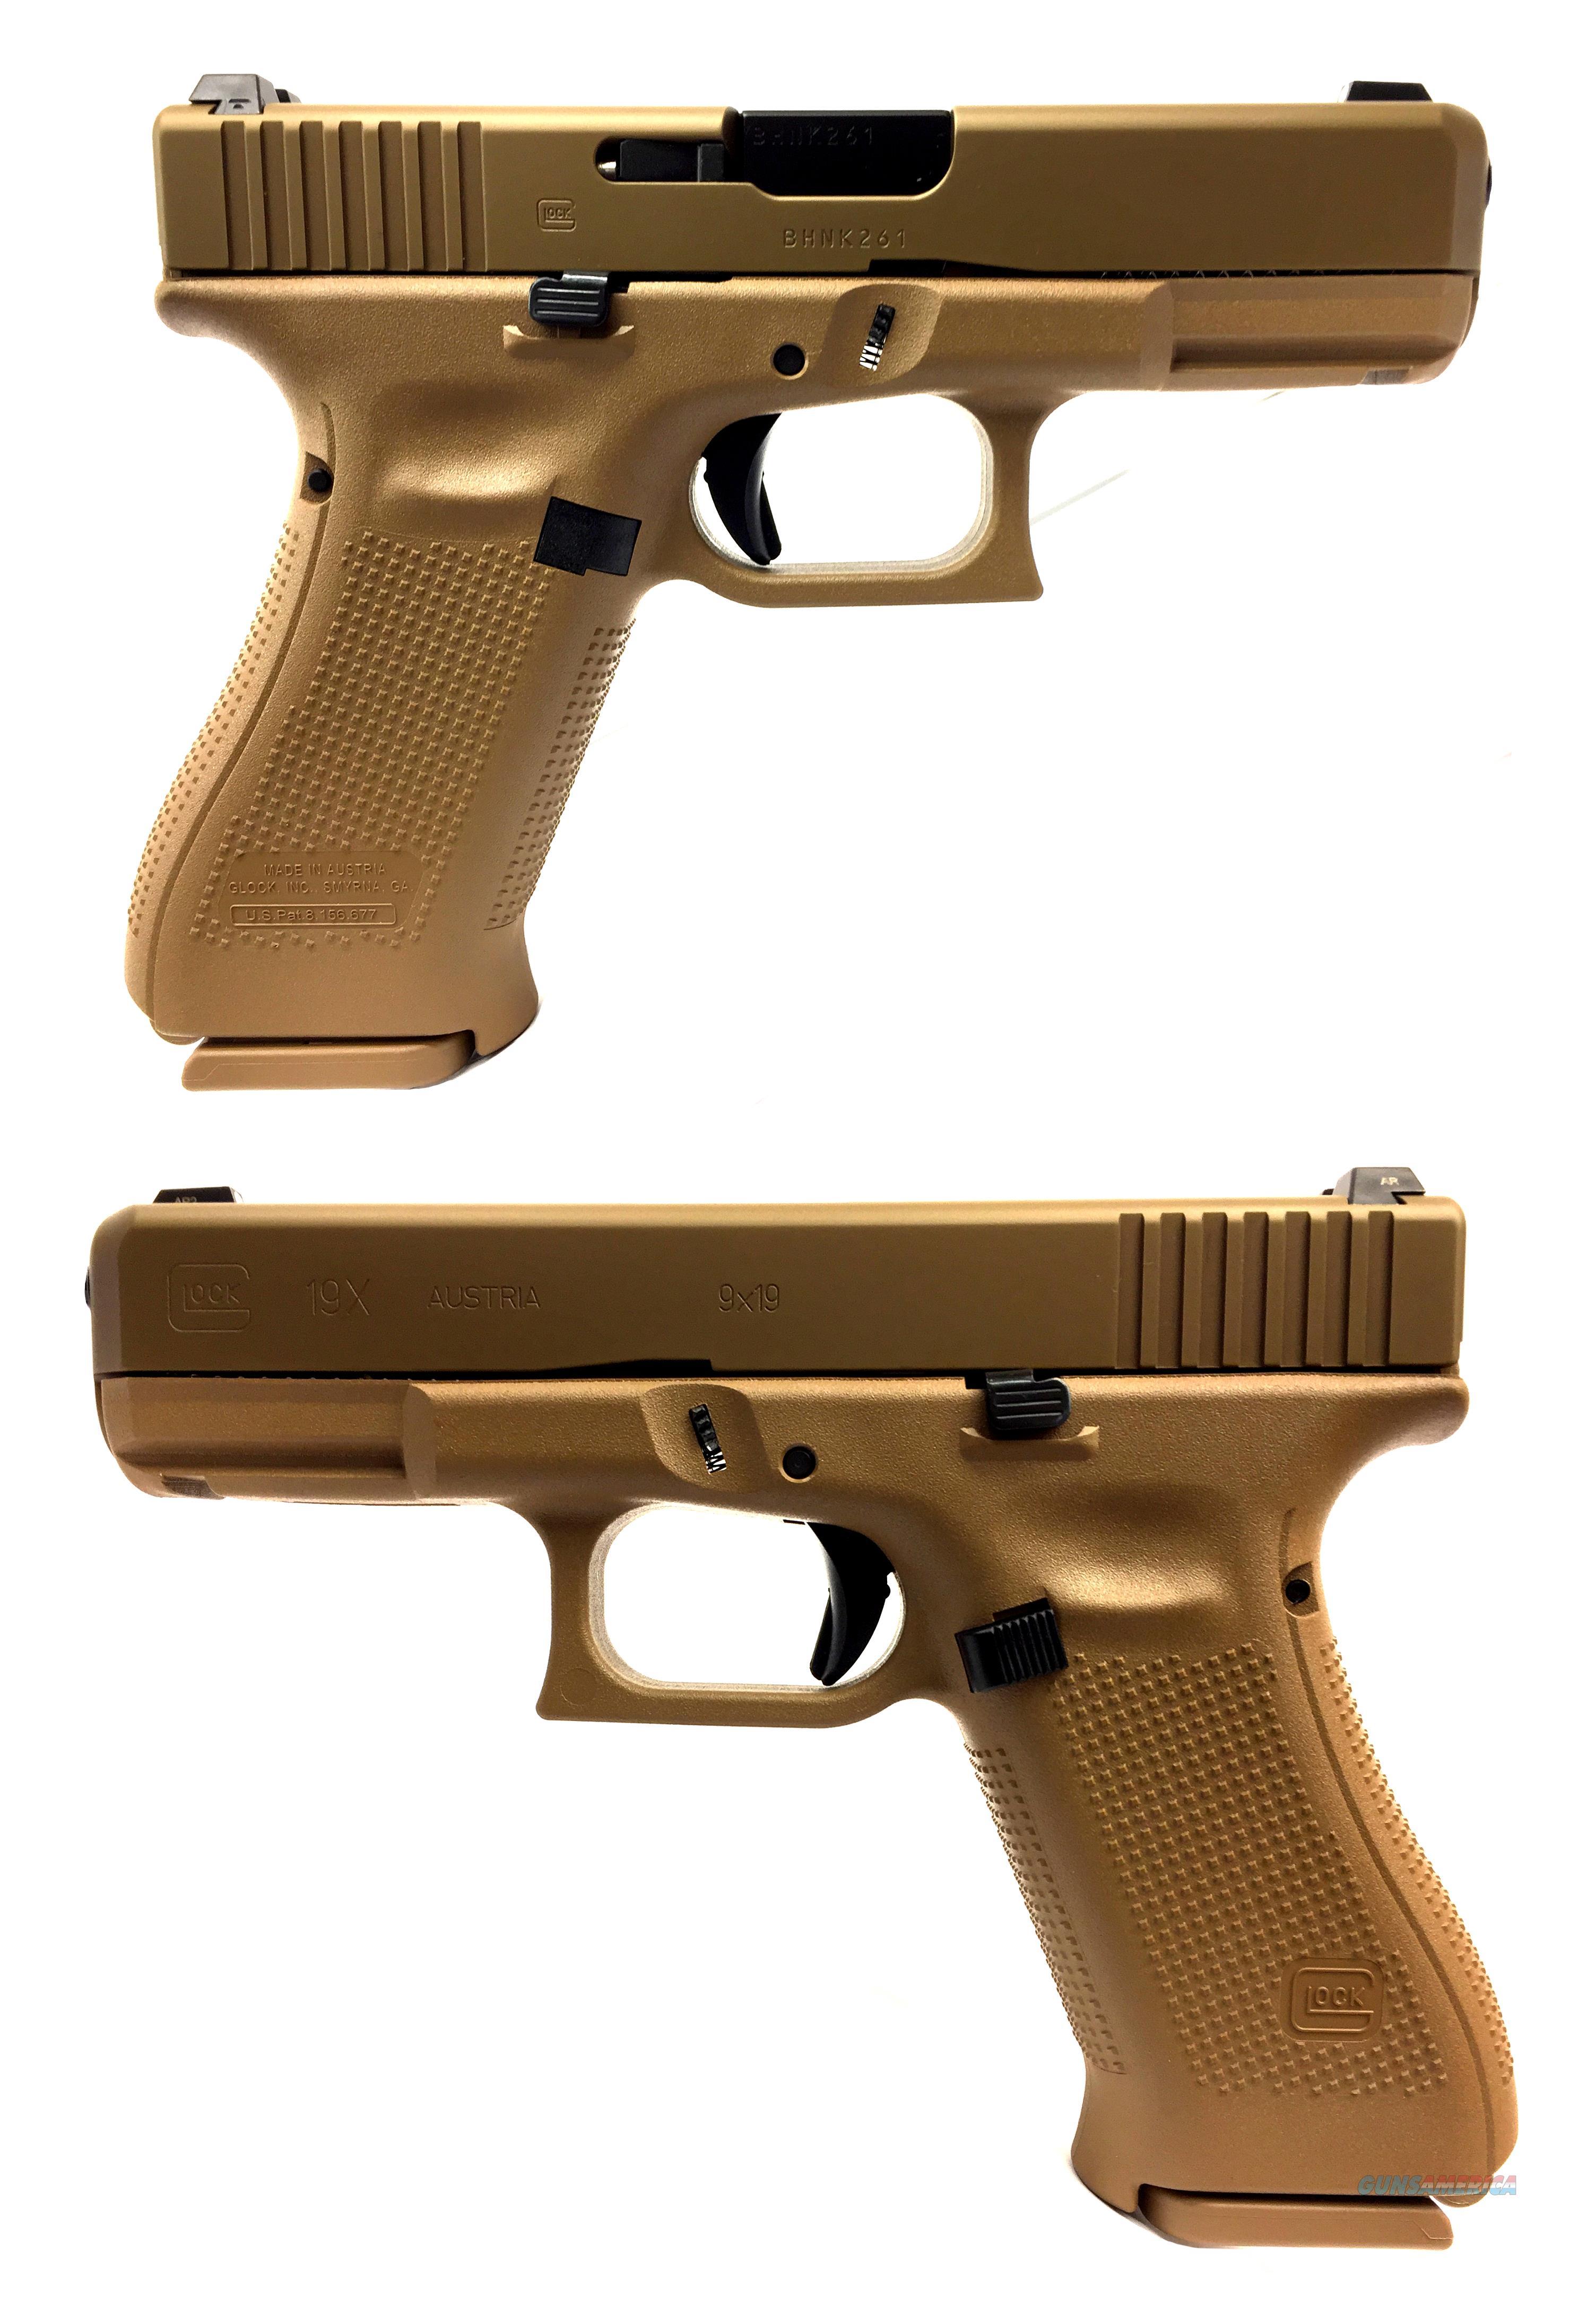 Glock 19X Semi-Automatic Pistol  Guns > Pistols > Glock Pistols > 19/19X